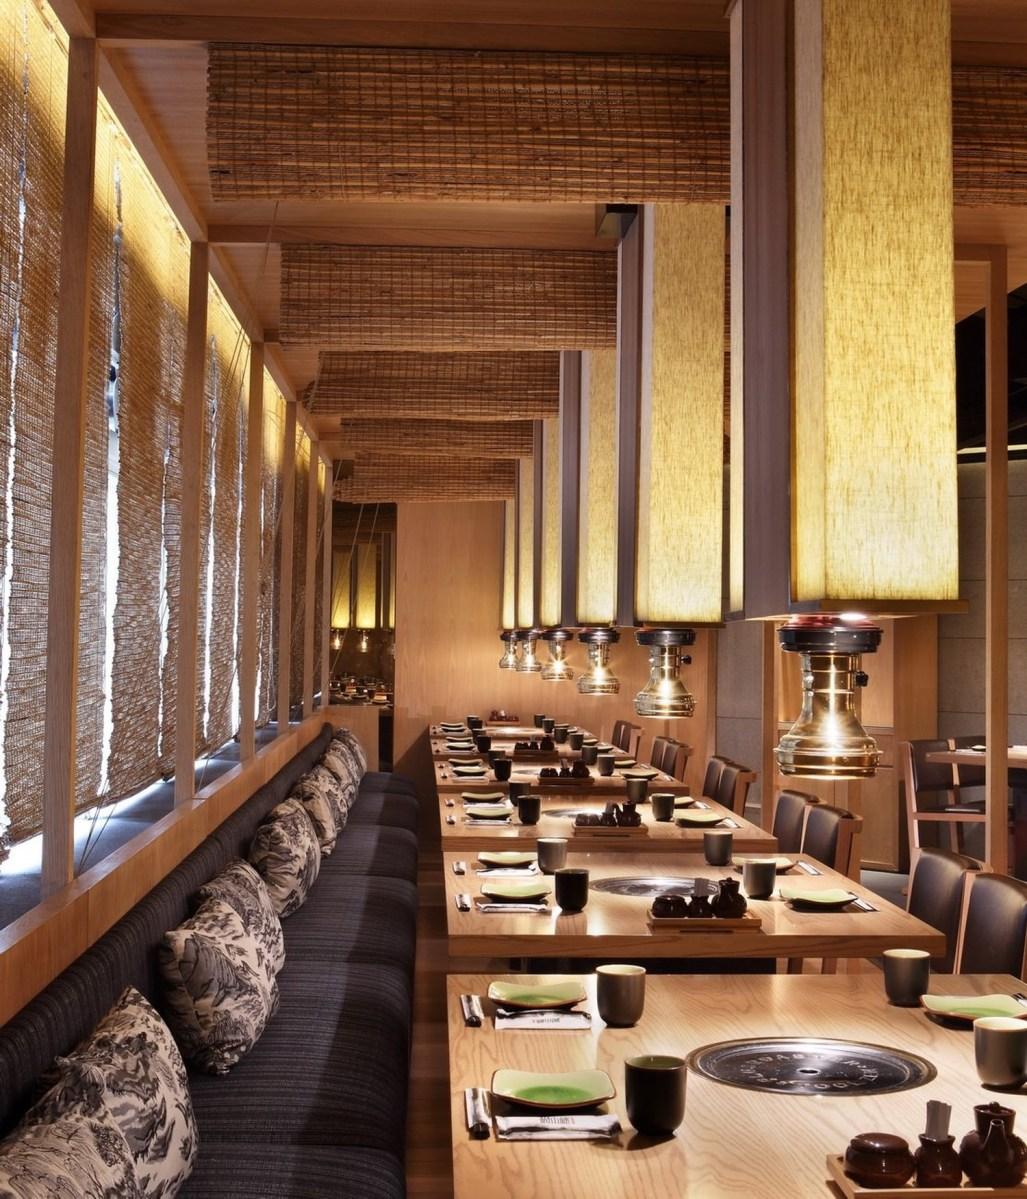 Thiết kế nhà hàng phong cách Nhật Bản mới lạ